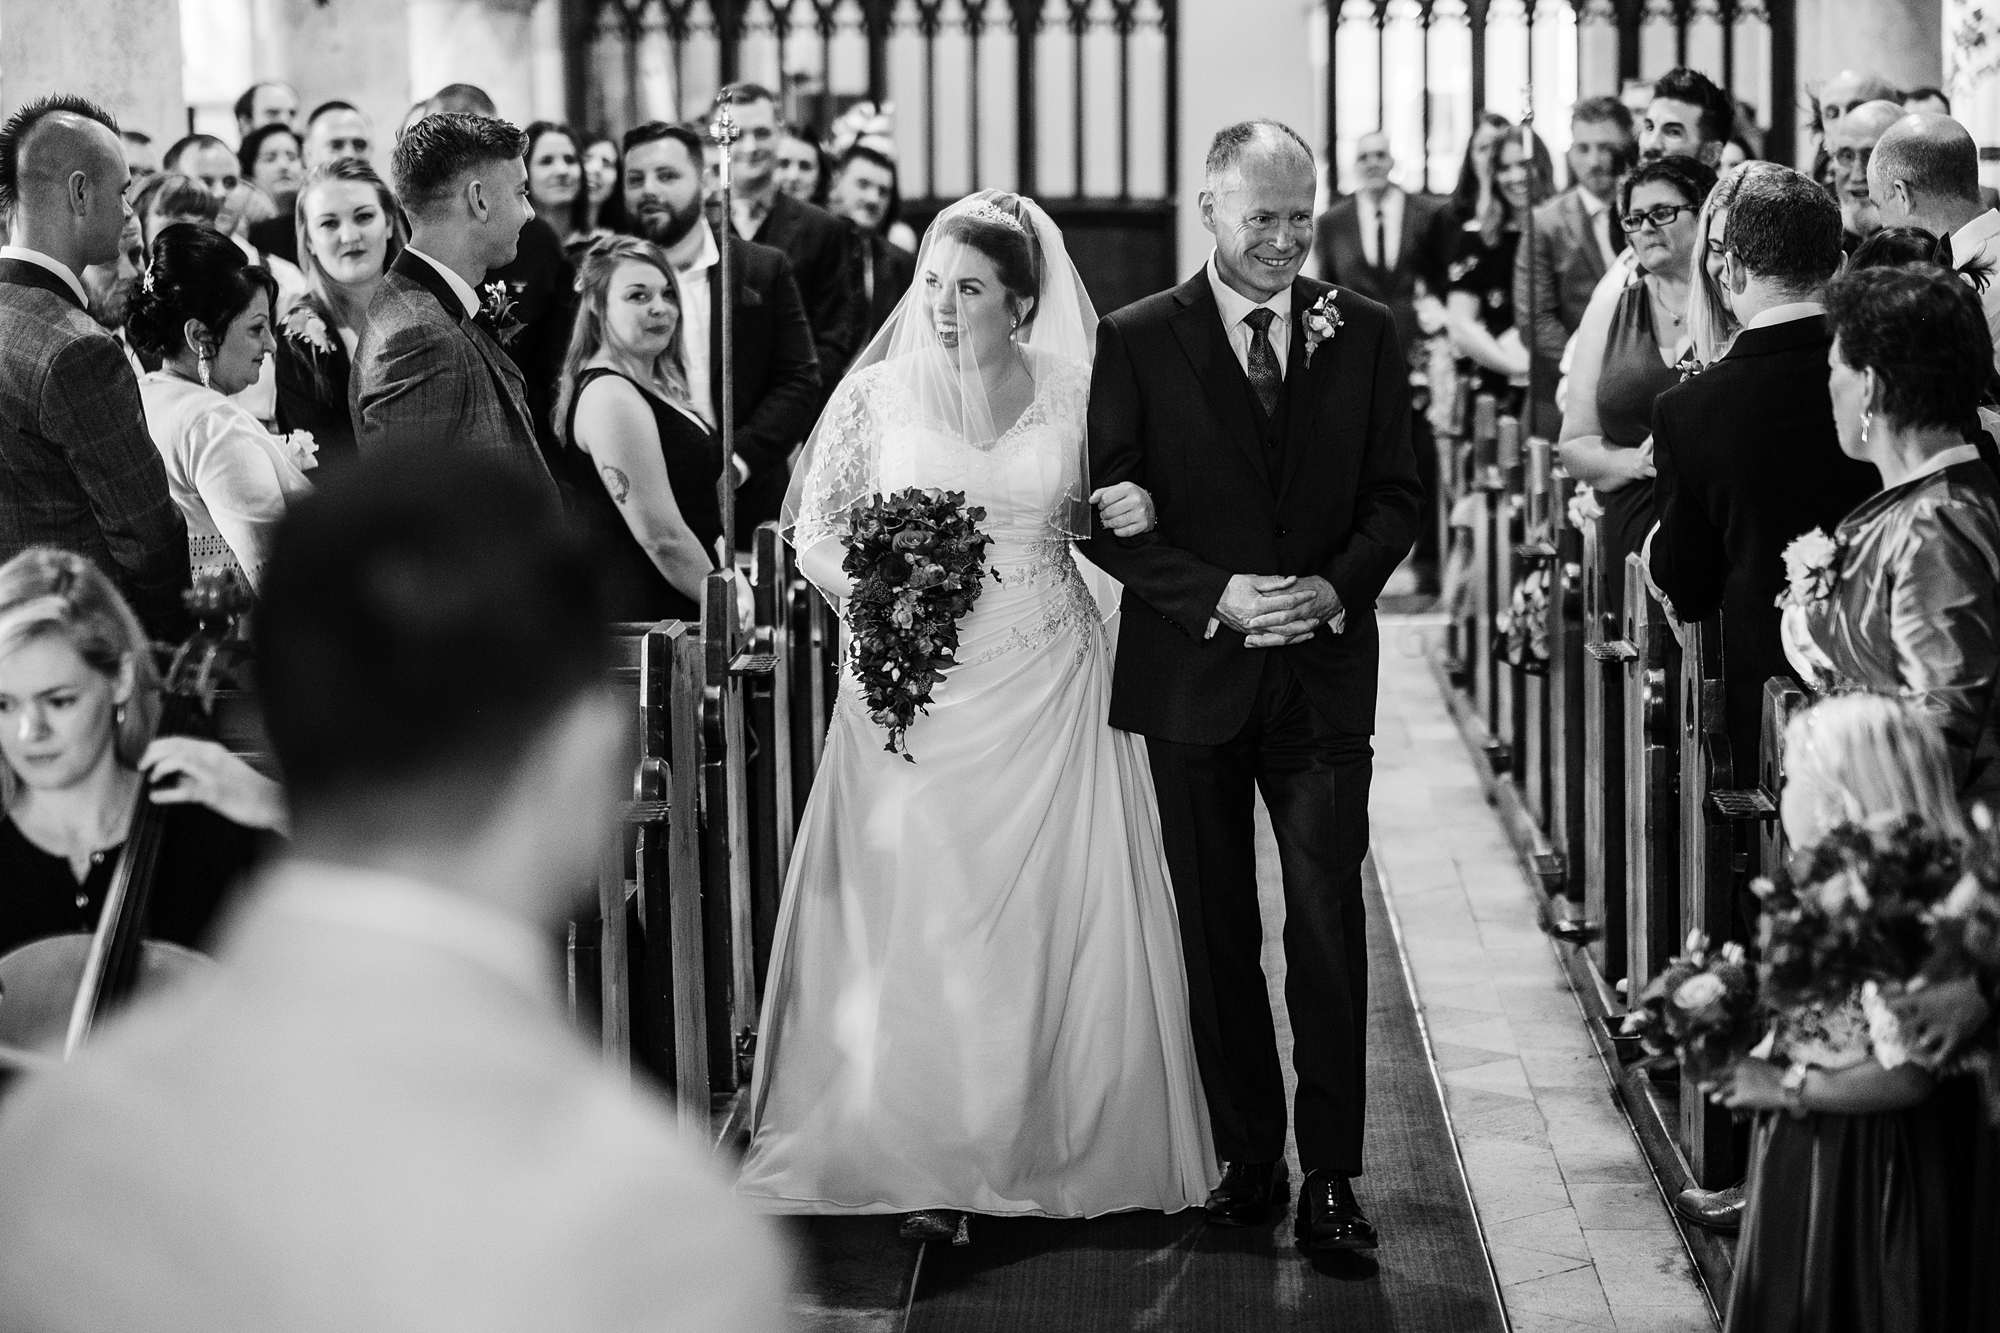 St Helen's Church, Cliffe wedding